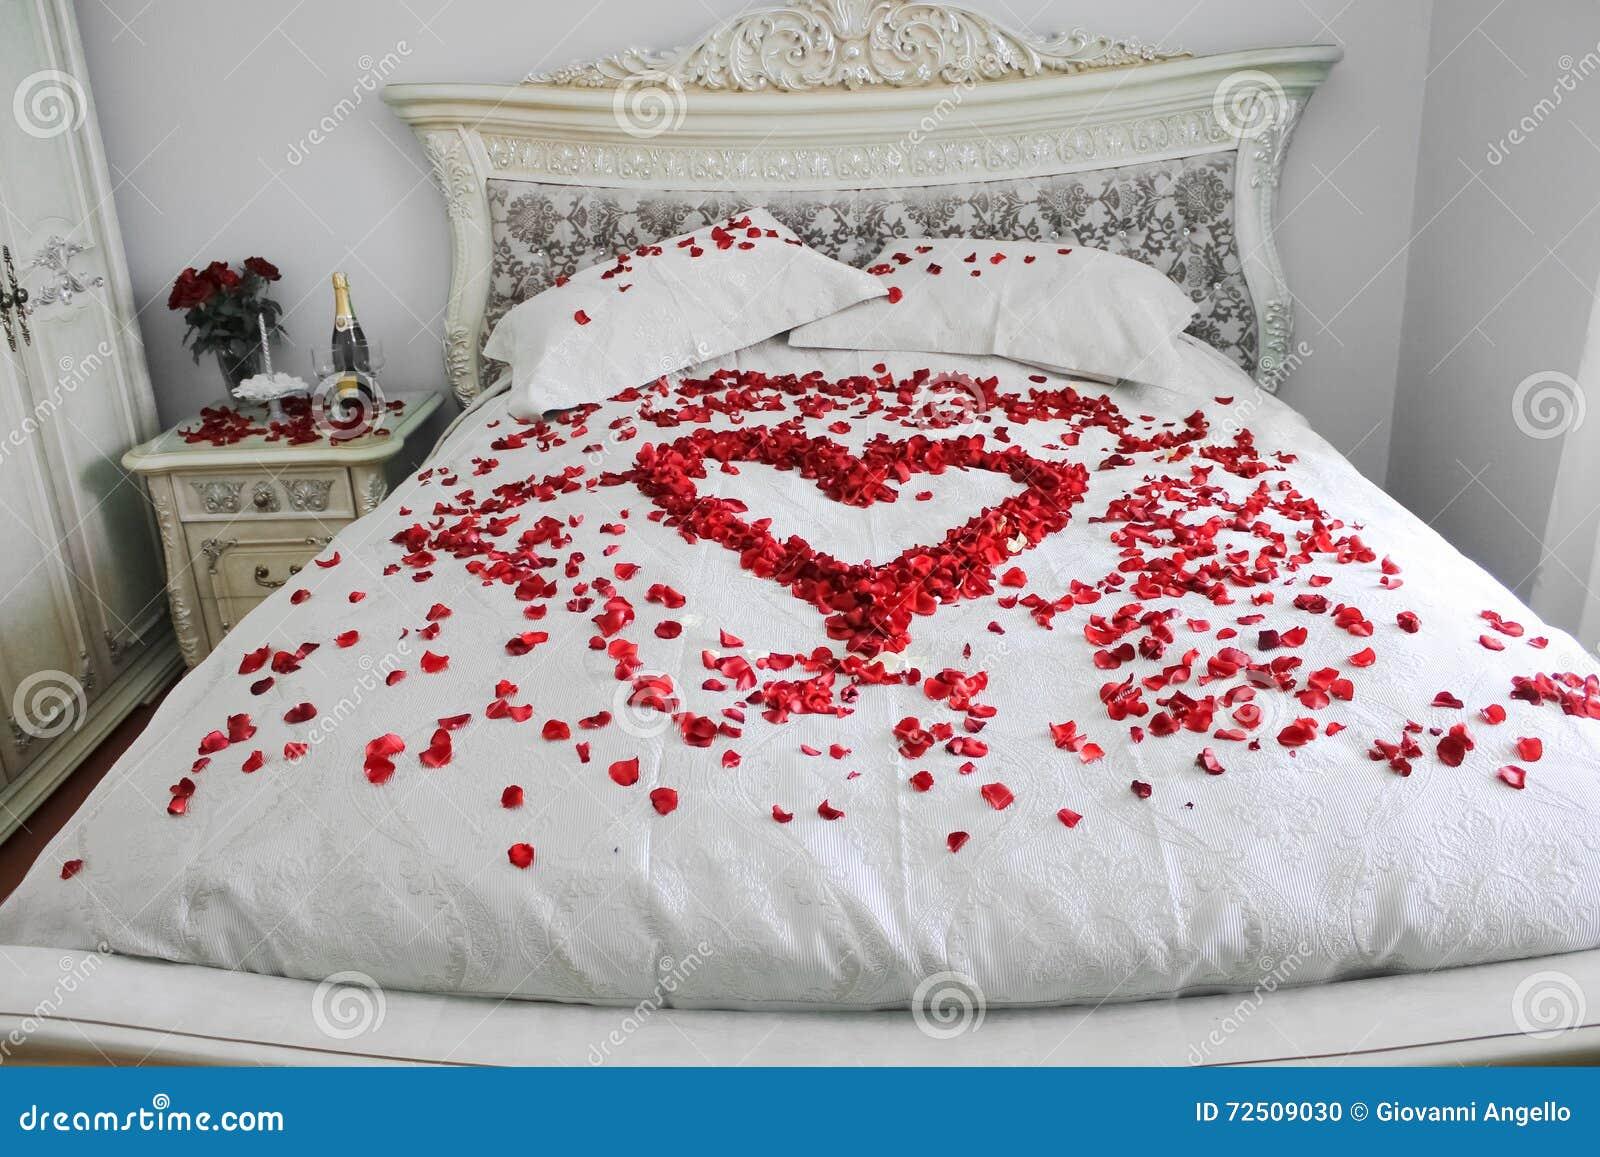 lit avec de vrais p tales de rose rouges photo stock image 72509030. Black Bedroom Furniture Sets. Home Design Ideas